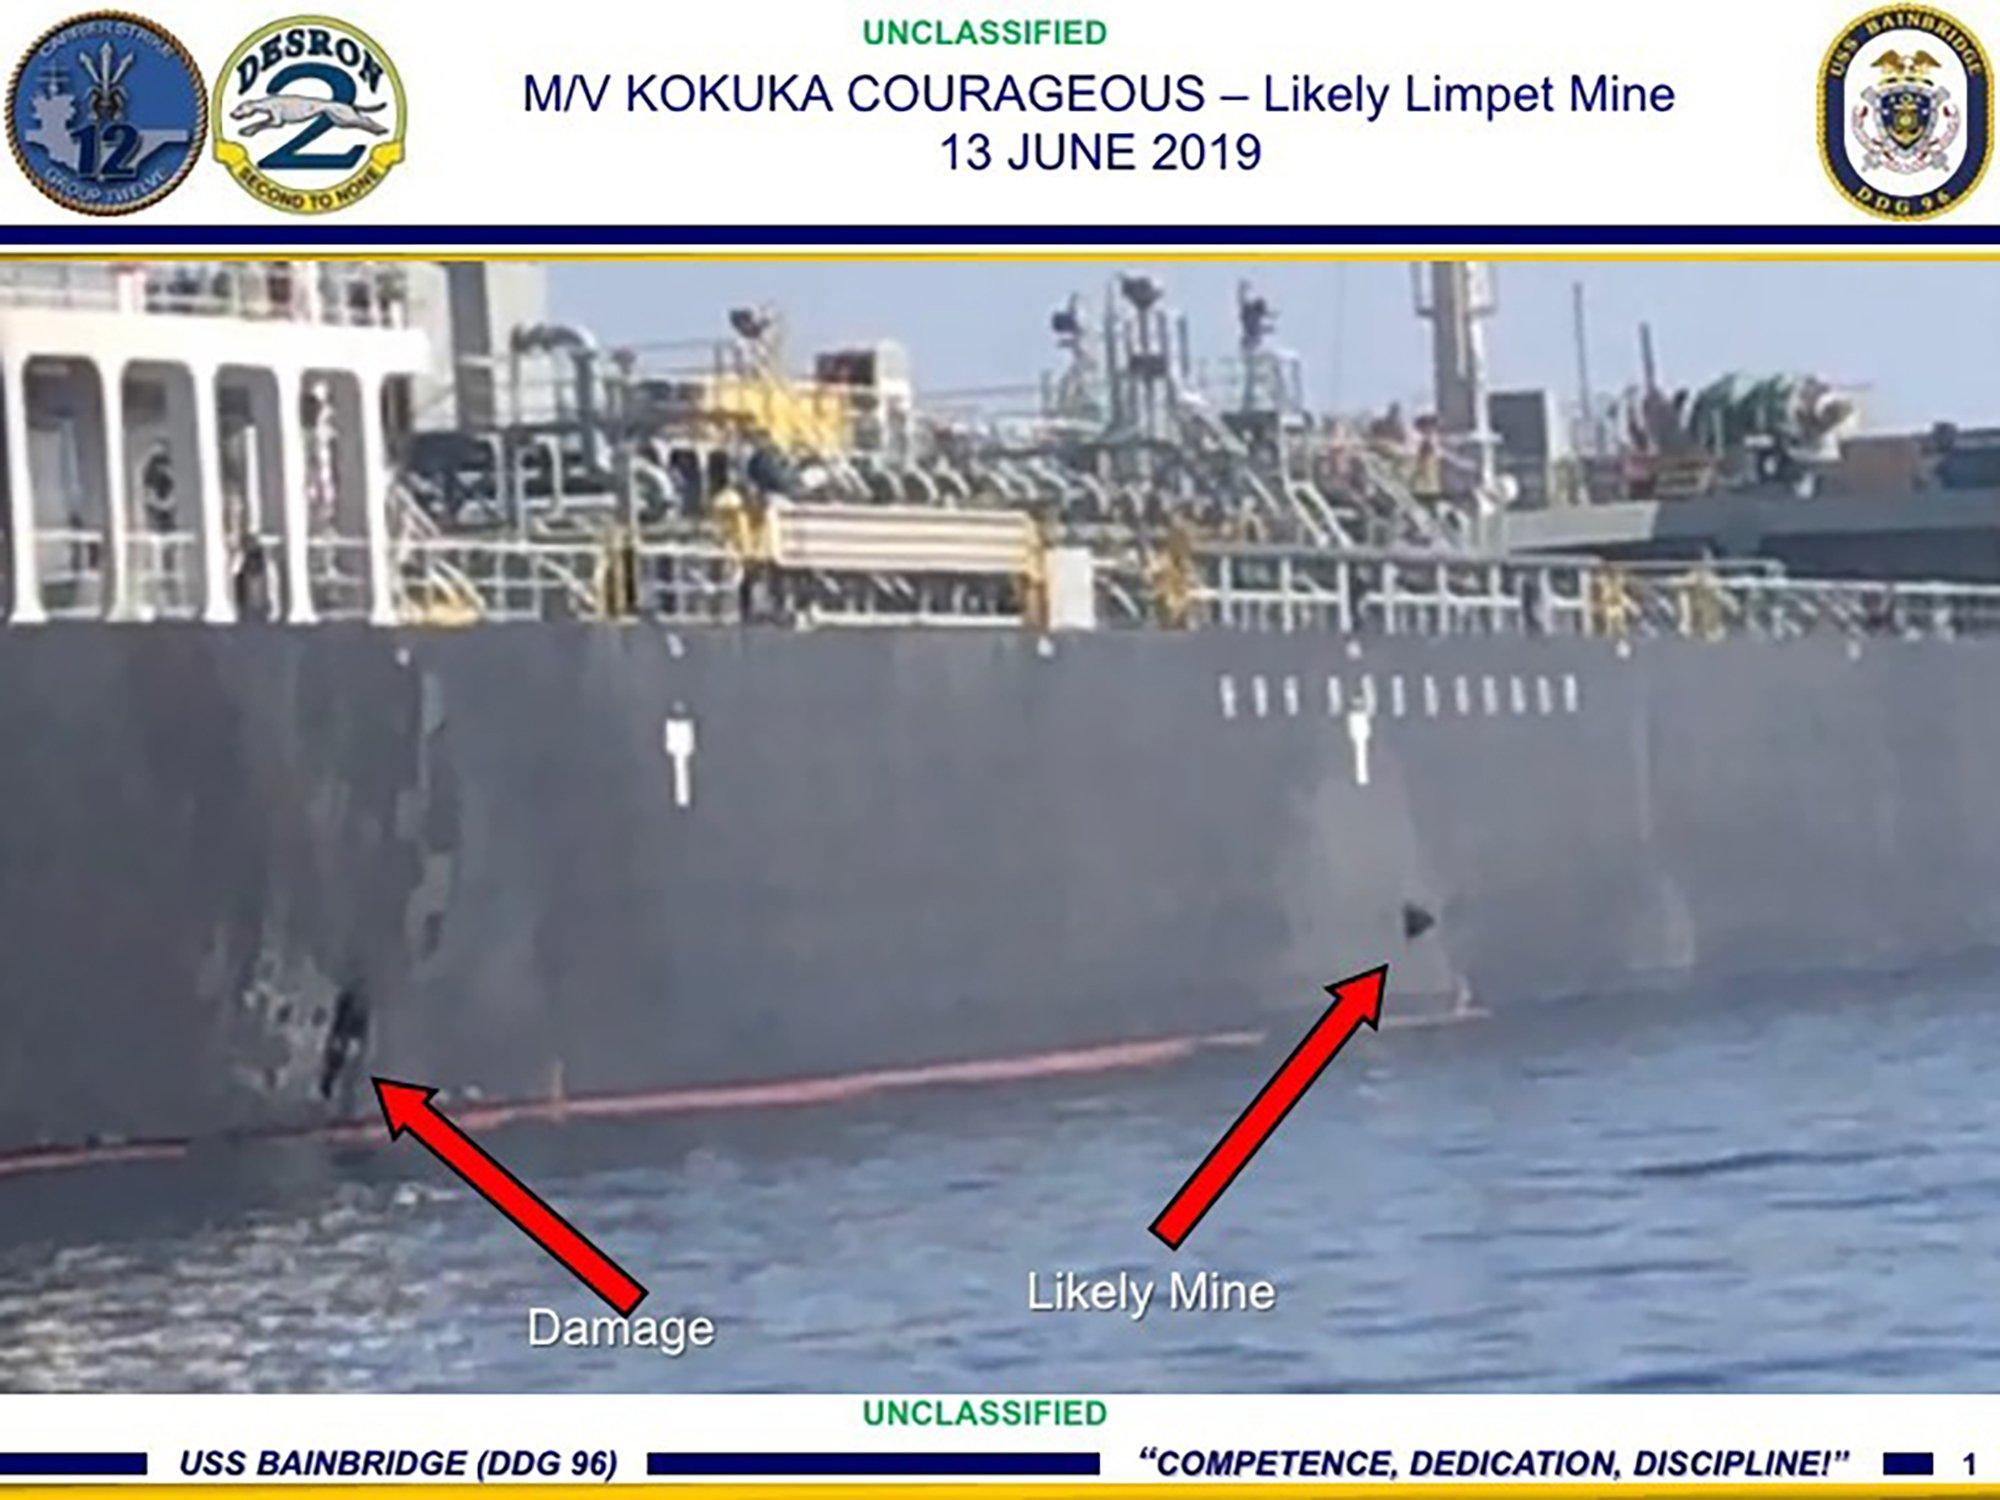 US says Iran took mine off tanker; Iran denies involvement